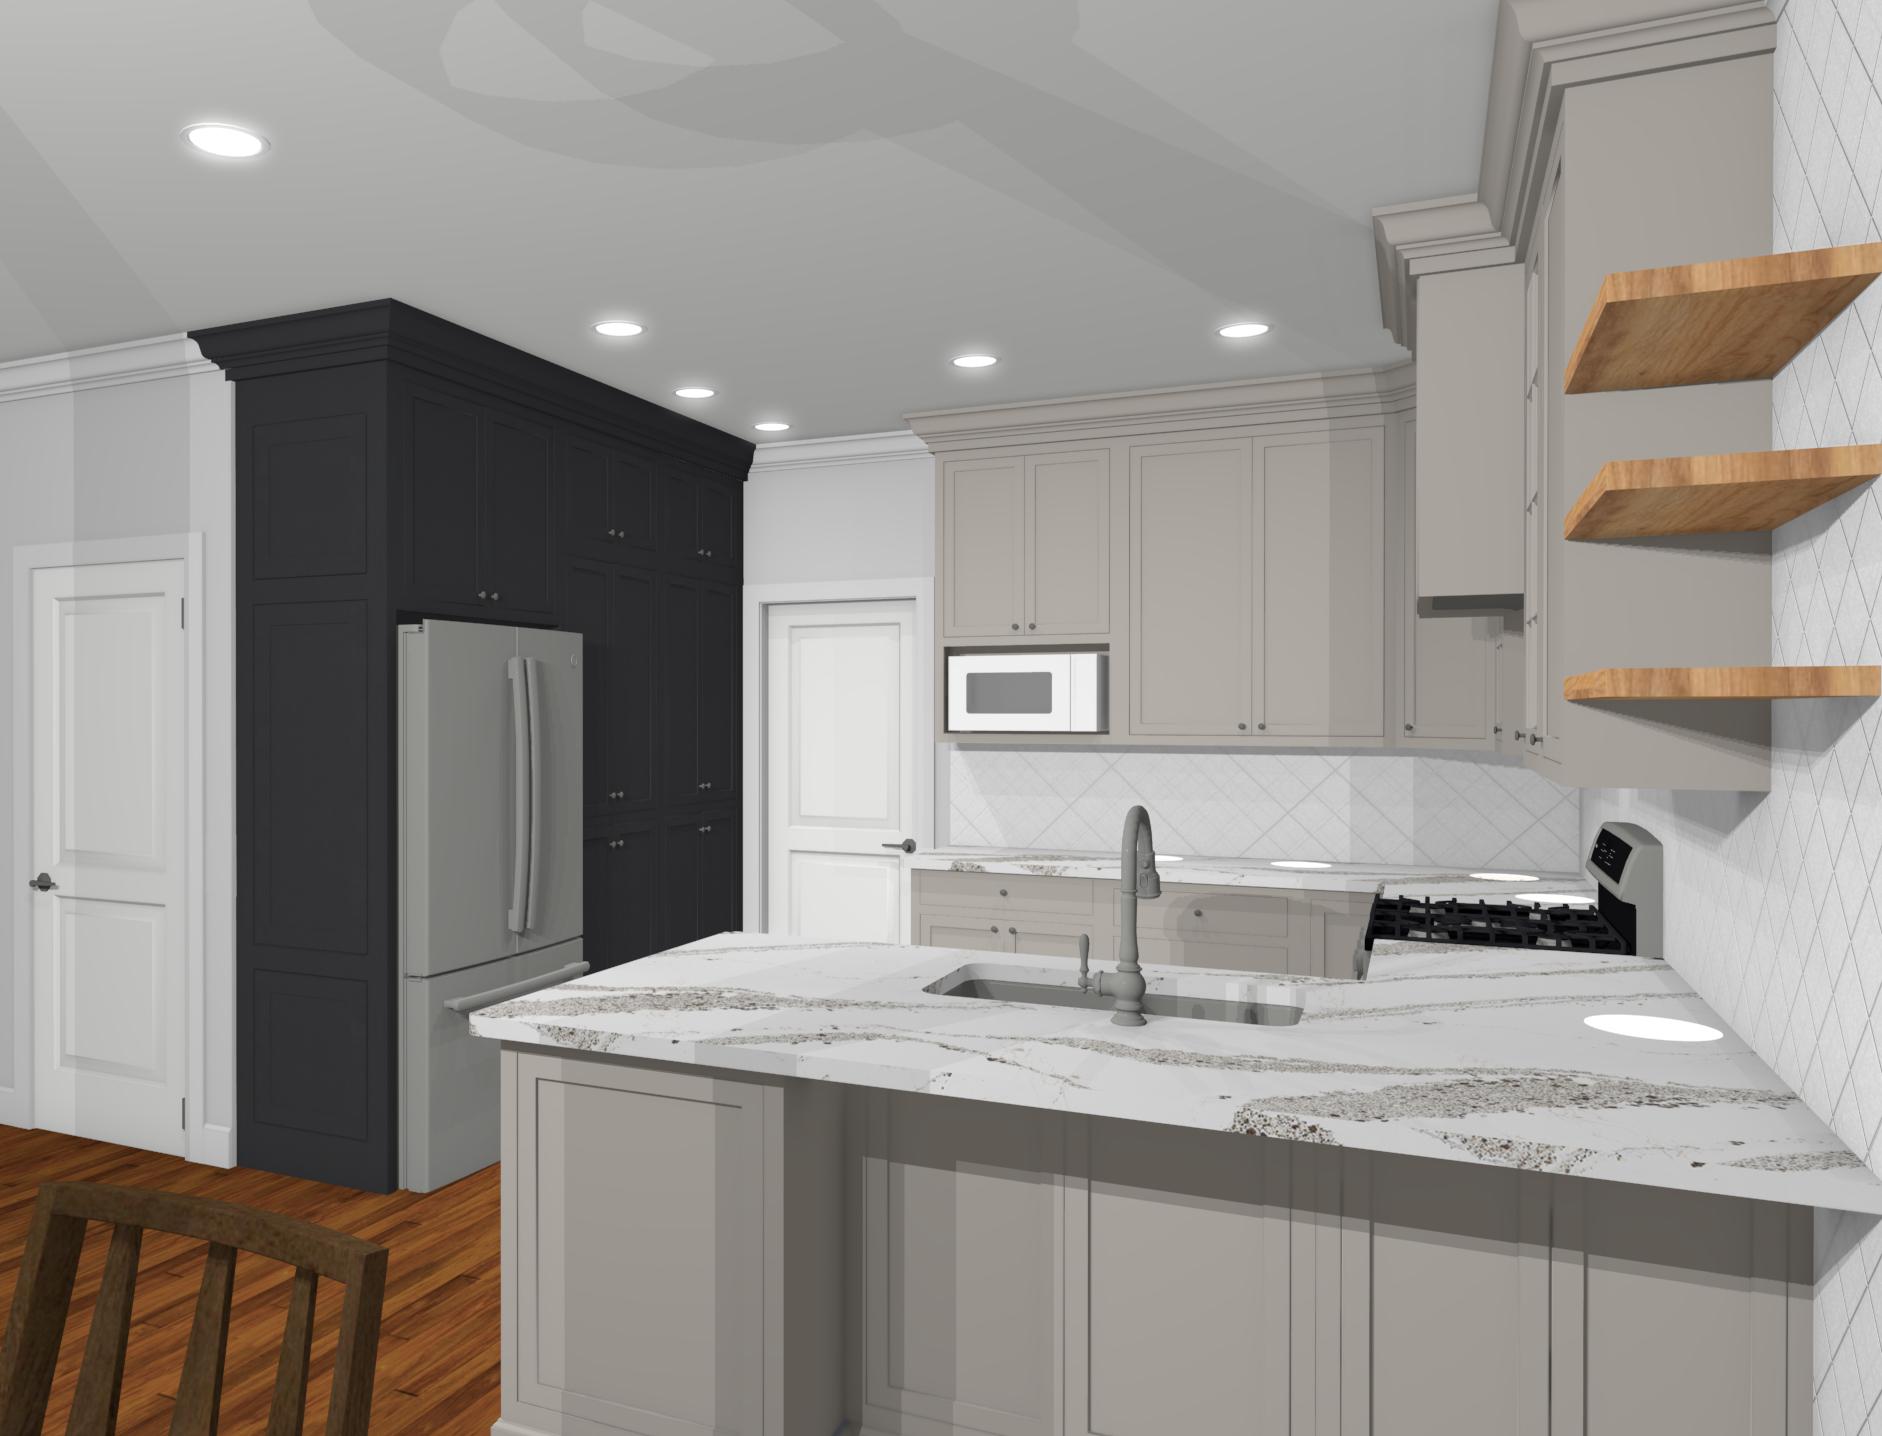 Riverbirch Remodeling Kitchen Remodel 3D design